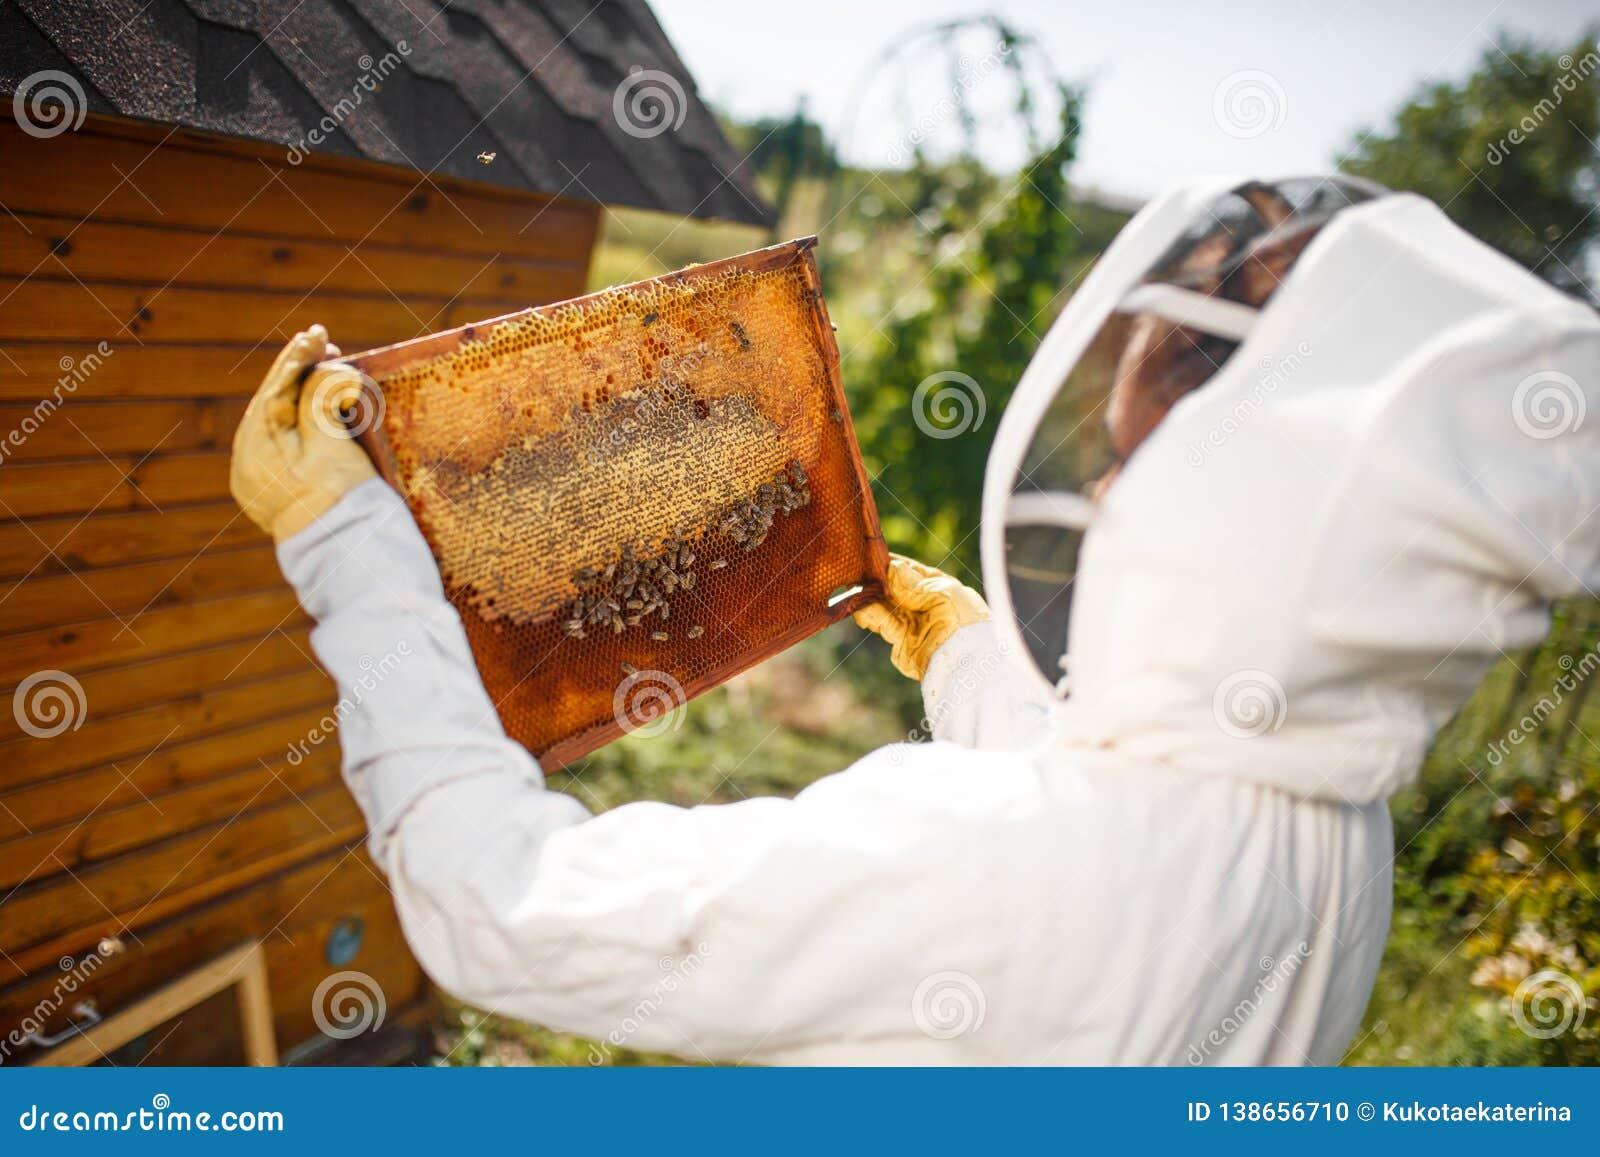 Ένας νέος θηλυκός μελισσοκόμος σε ένα επαγγελματικό κοστούμι μελισσοκόμων, επιθεωρεί ένα ξύλινο πλαίσιο με τις κηρήθρες που κρατά